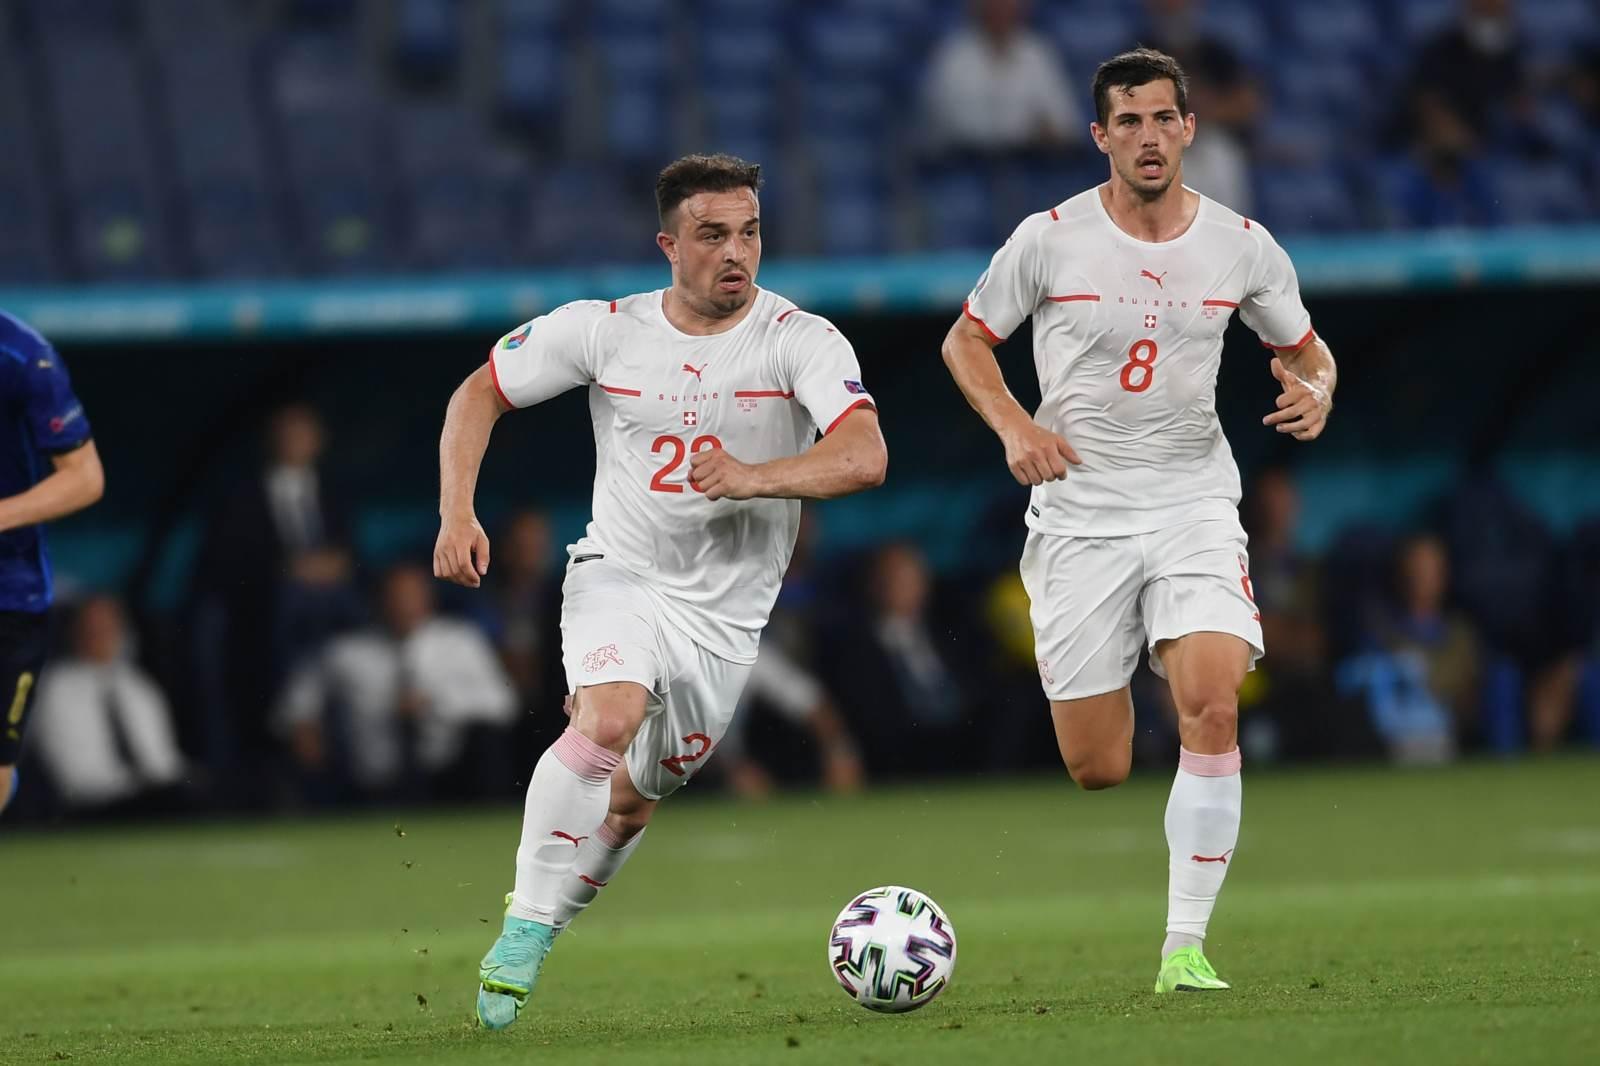 Хет-трик есть, а плей-офф пока нет: Швейцария разобралась с Турцией, но осталась на третьем месте